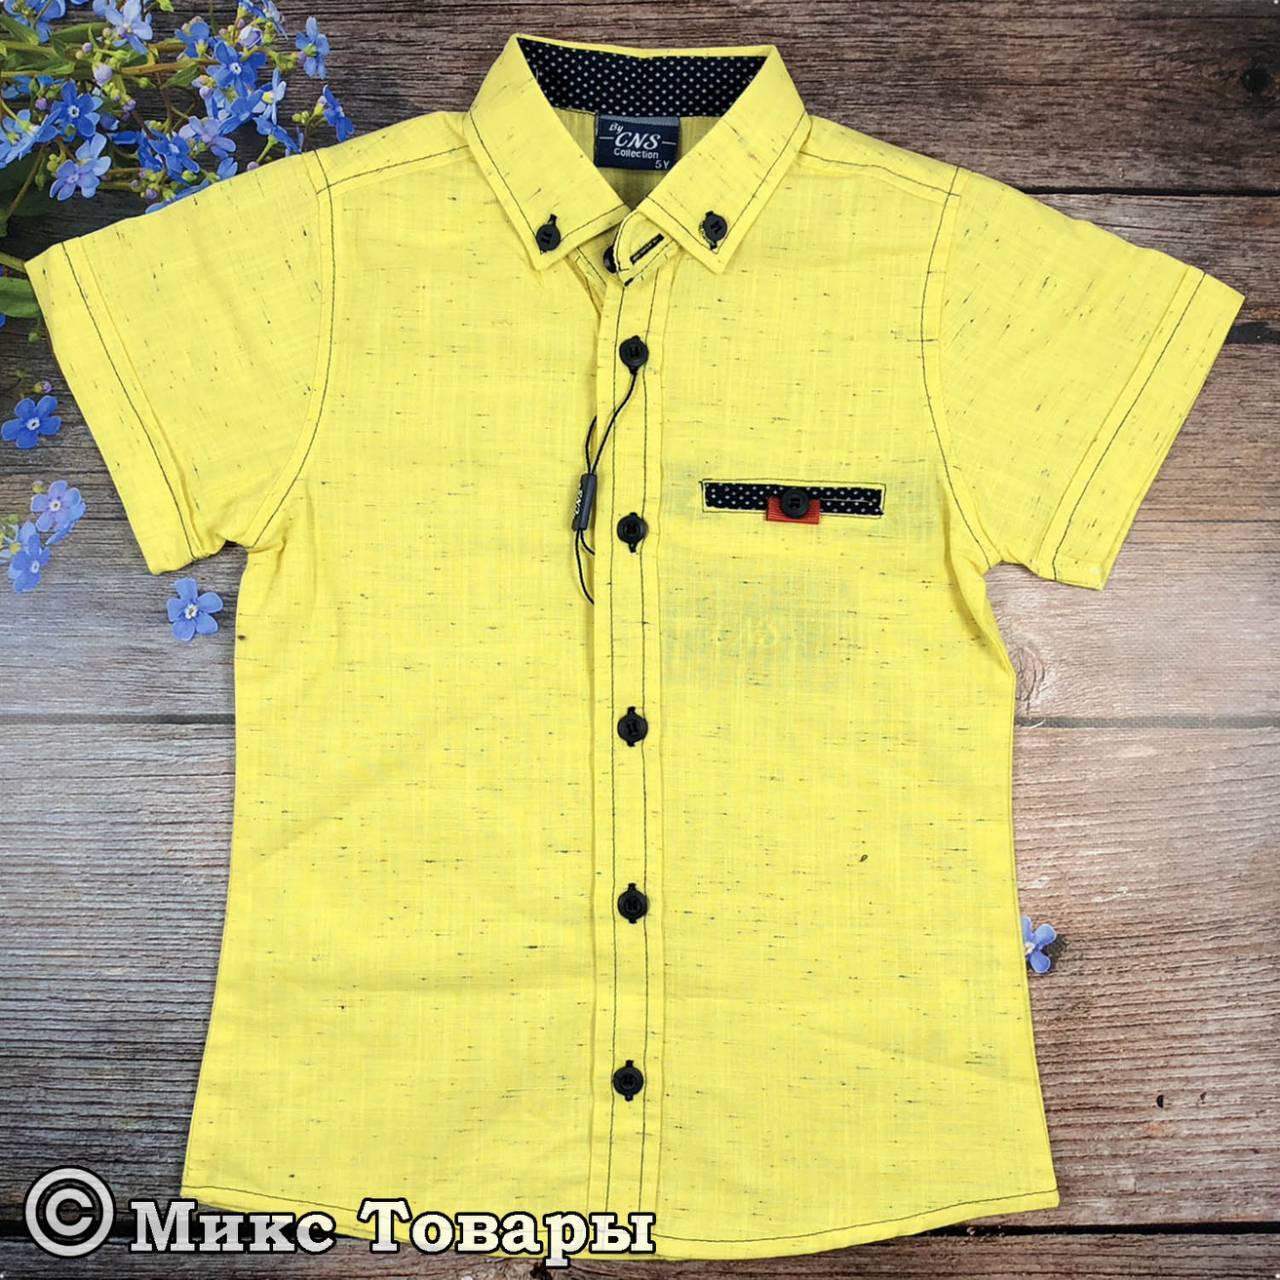 30f8f3c99e1f Купить Желтая рубашка для мальчика Размеры: 5,6,7,8 лет (6347-4 ...